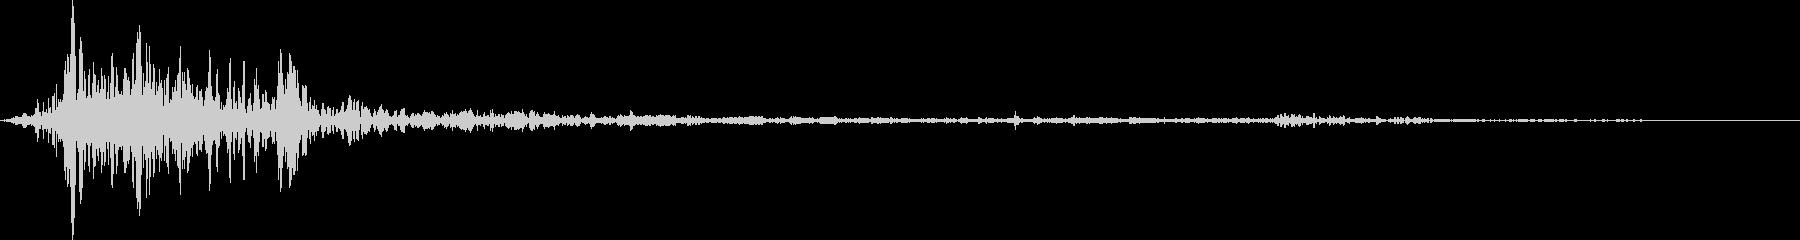 シャープアンダーウォーターインパク...の未再生の波形